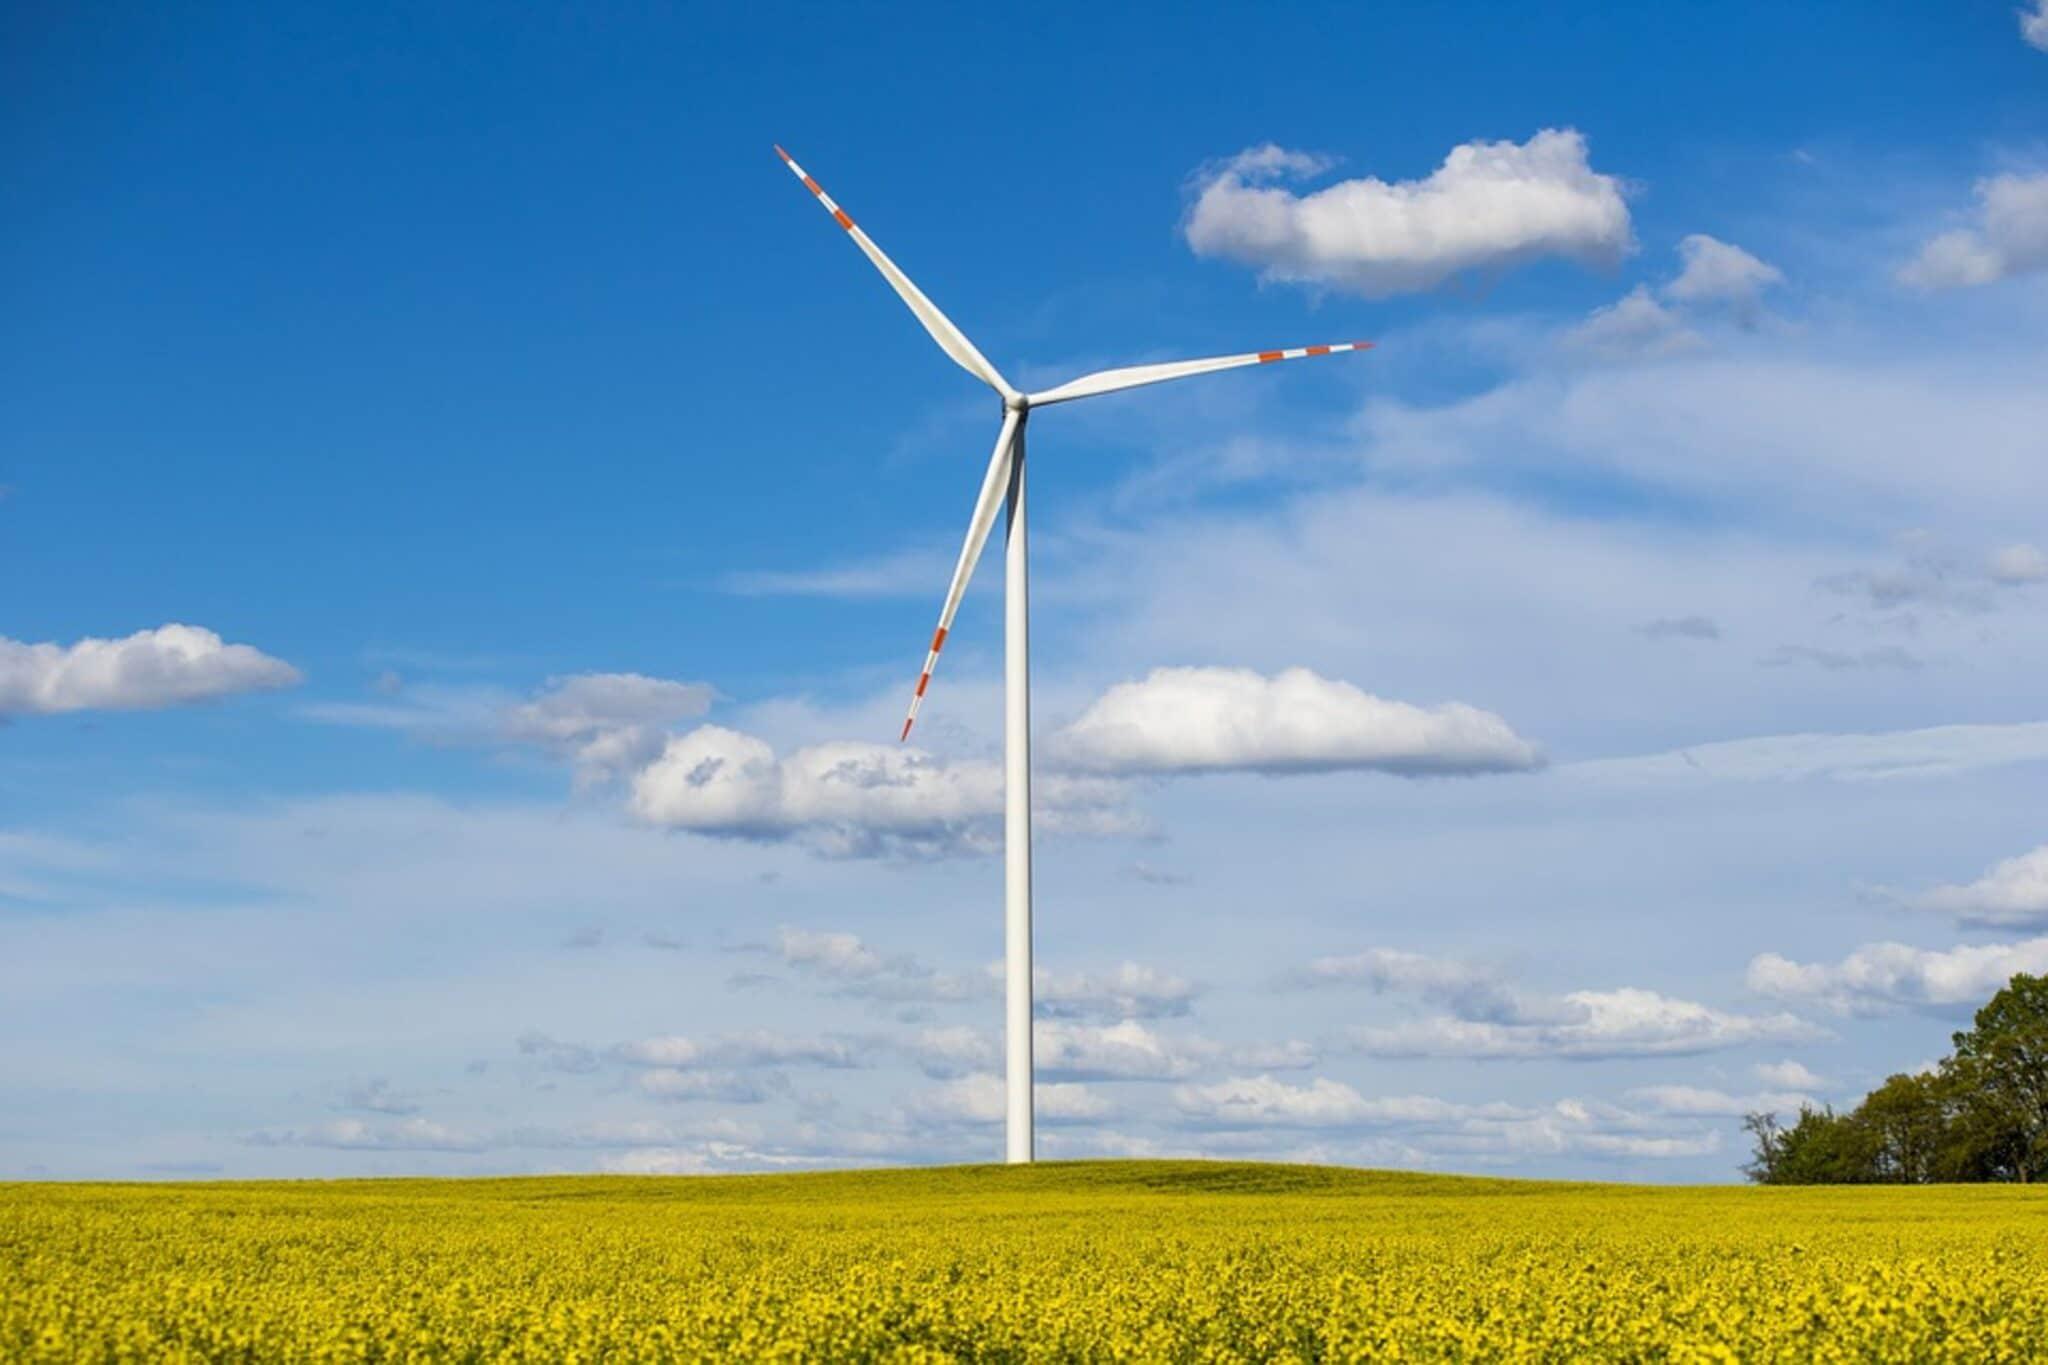 Gubbio, eolico, turbina, rinnovabile, Italia, ambiente, sostenibile, comunità, impatto, emissioni, collaborazione, autoconsumo, convenienza, obiettivo, istituzioni, cittadini, Energy Close-up Engineering